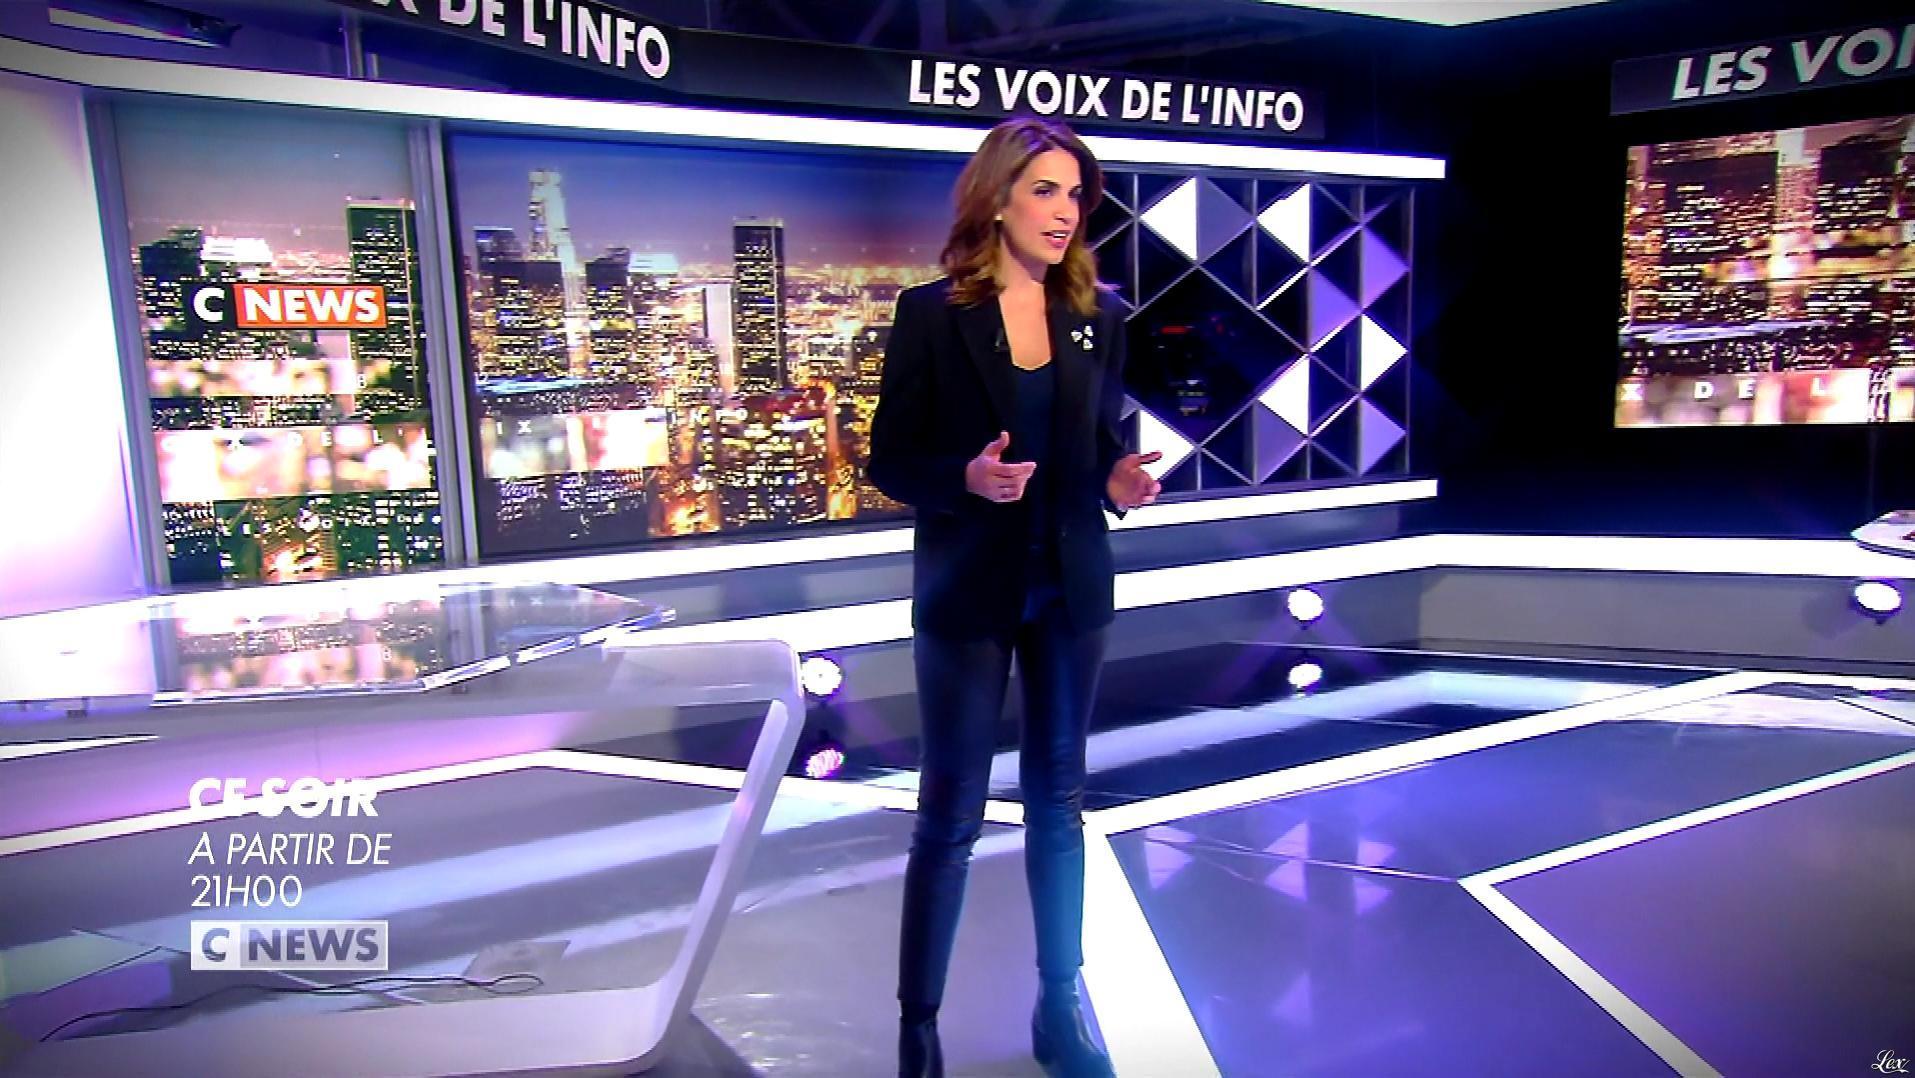 Sonia Mabrouk dans une Bande-Annonce des Voix de l'Info. Diffusé à la télévision le 25/02/19.